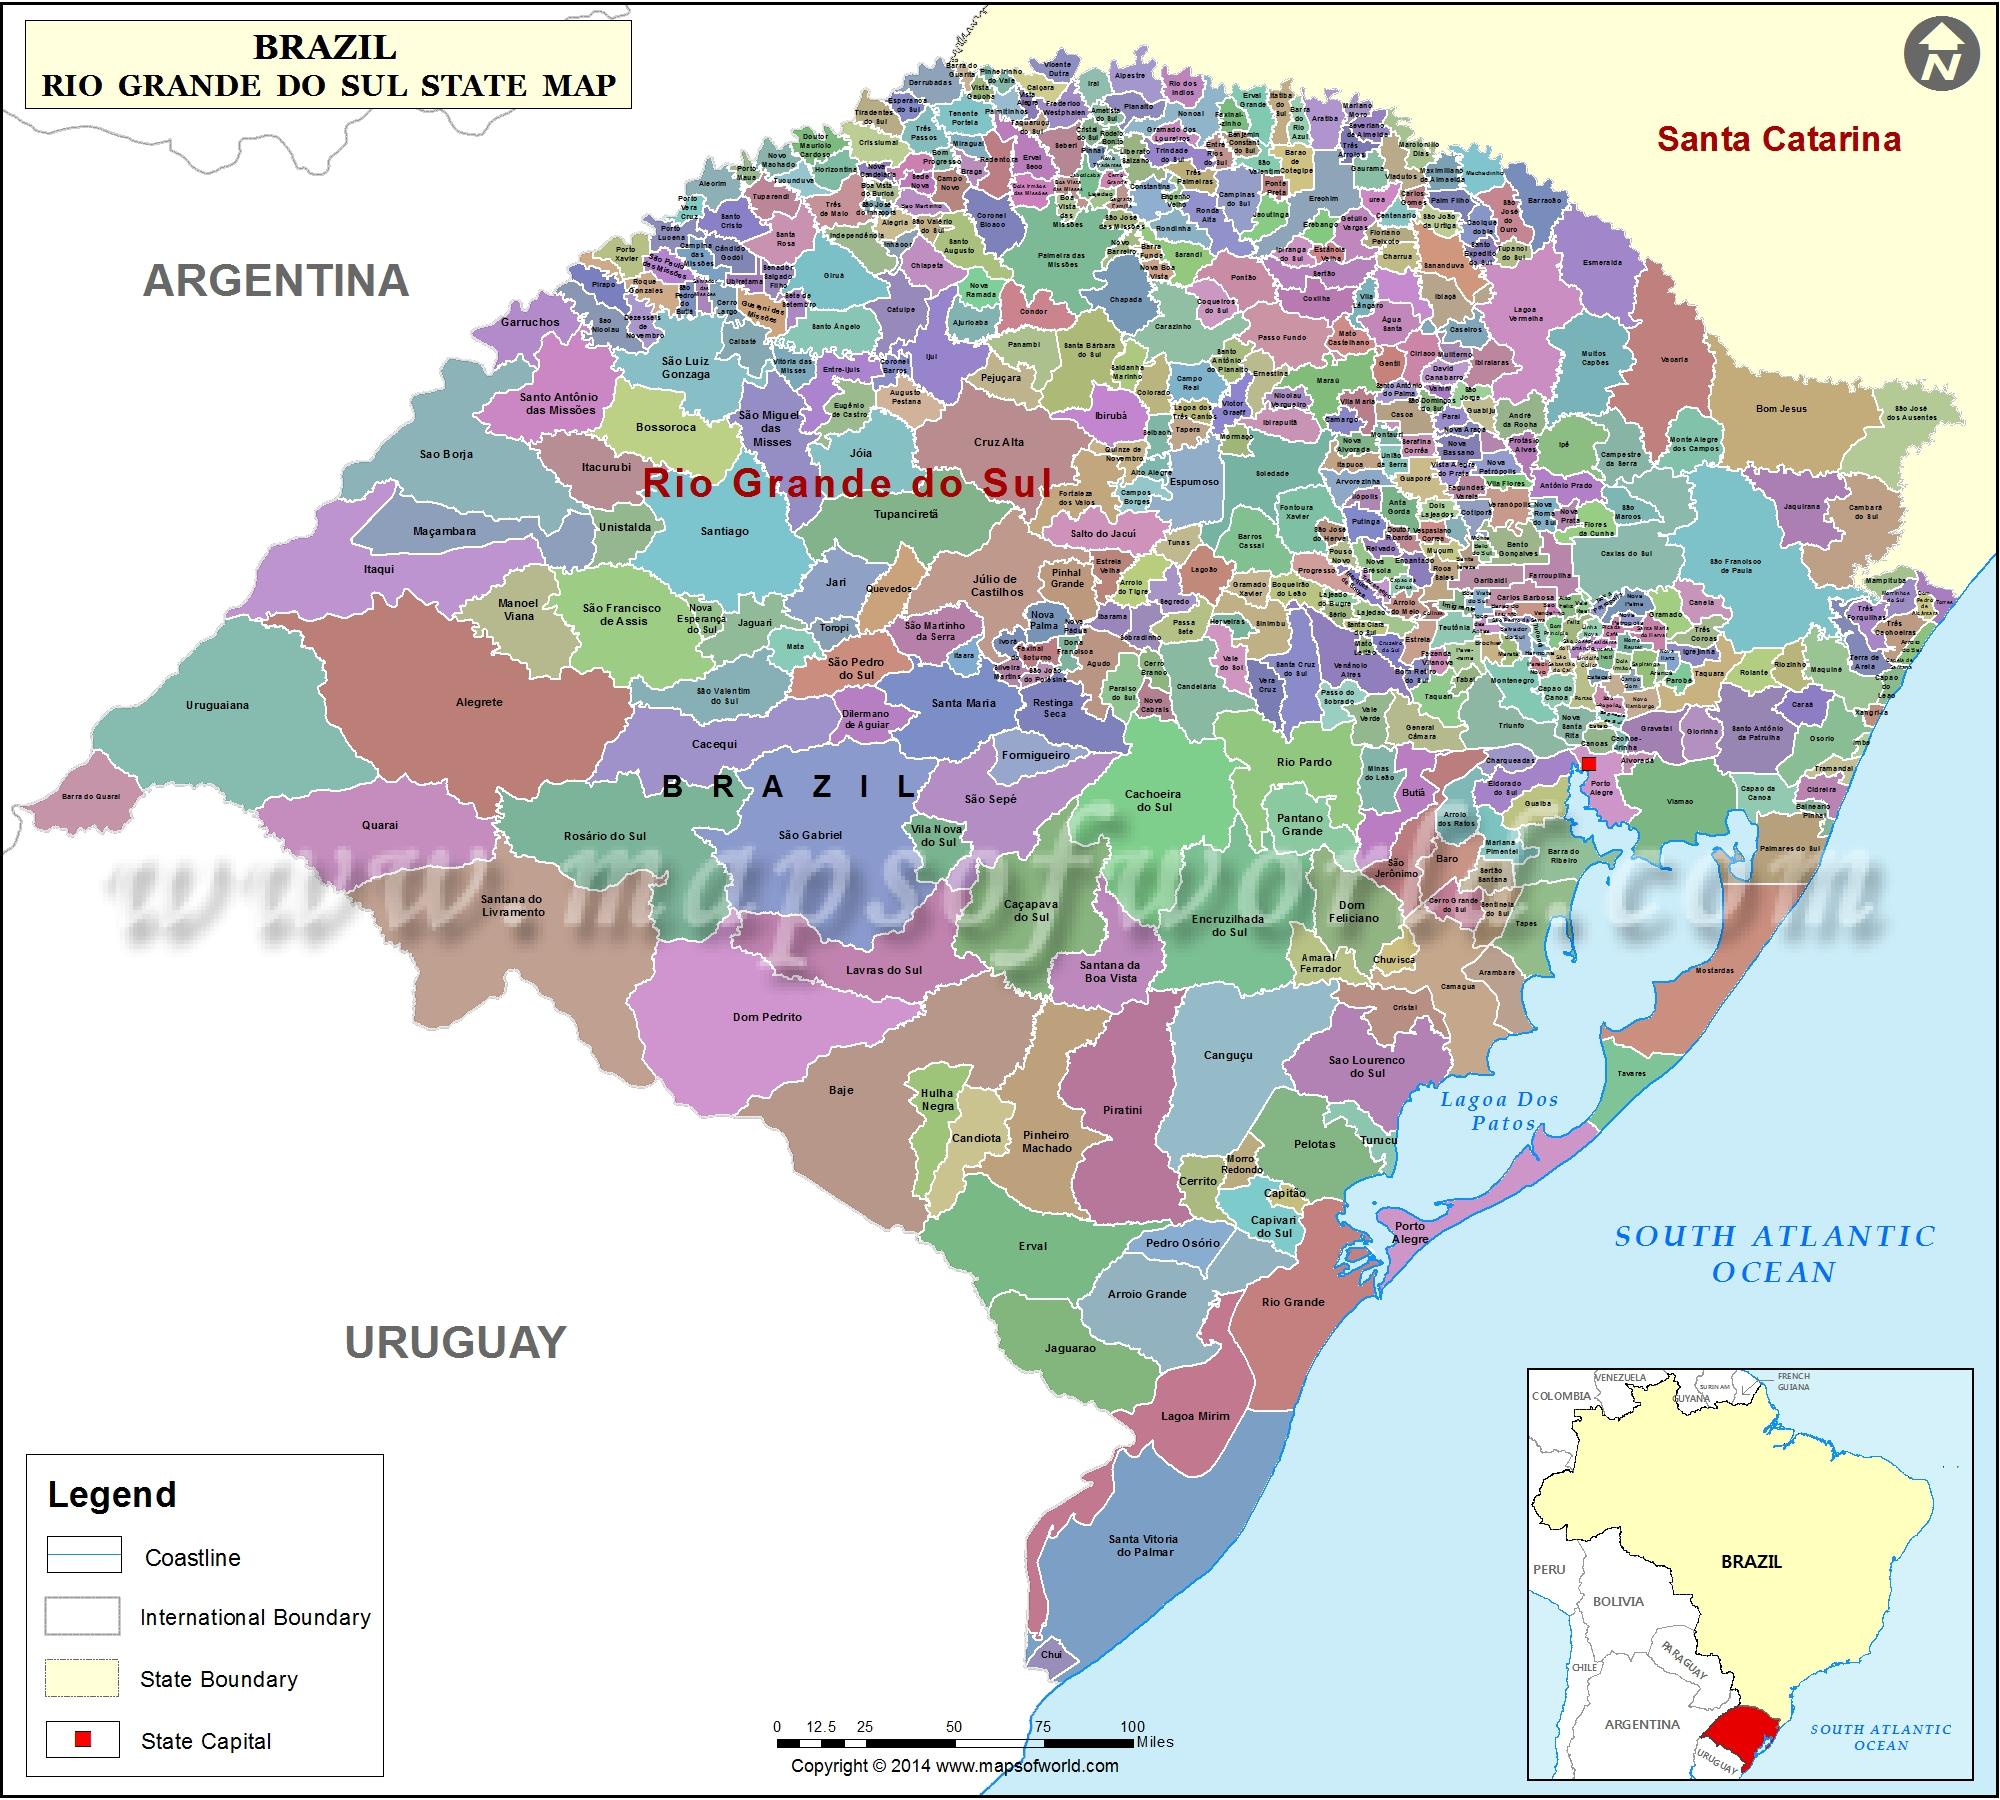 Rio Grande Mapa Fisico.Mapa Rio Grande Do Sul Rio Grande Do Sul Brasil